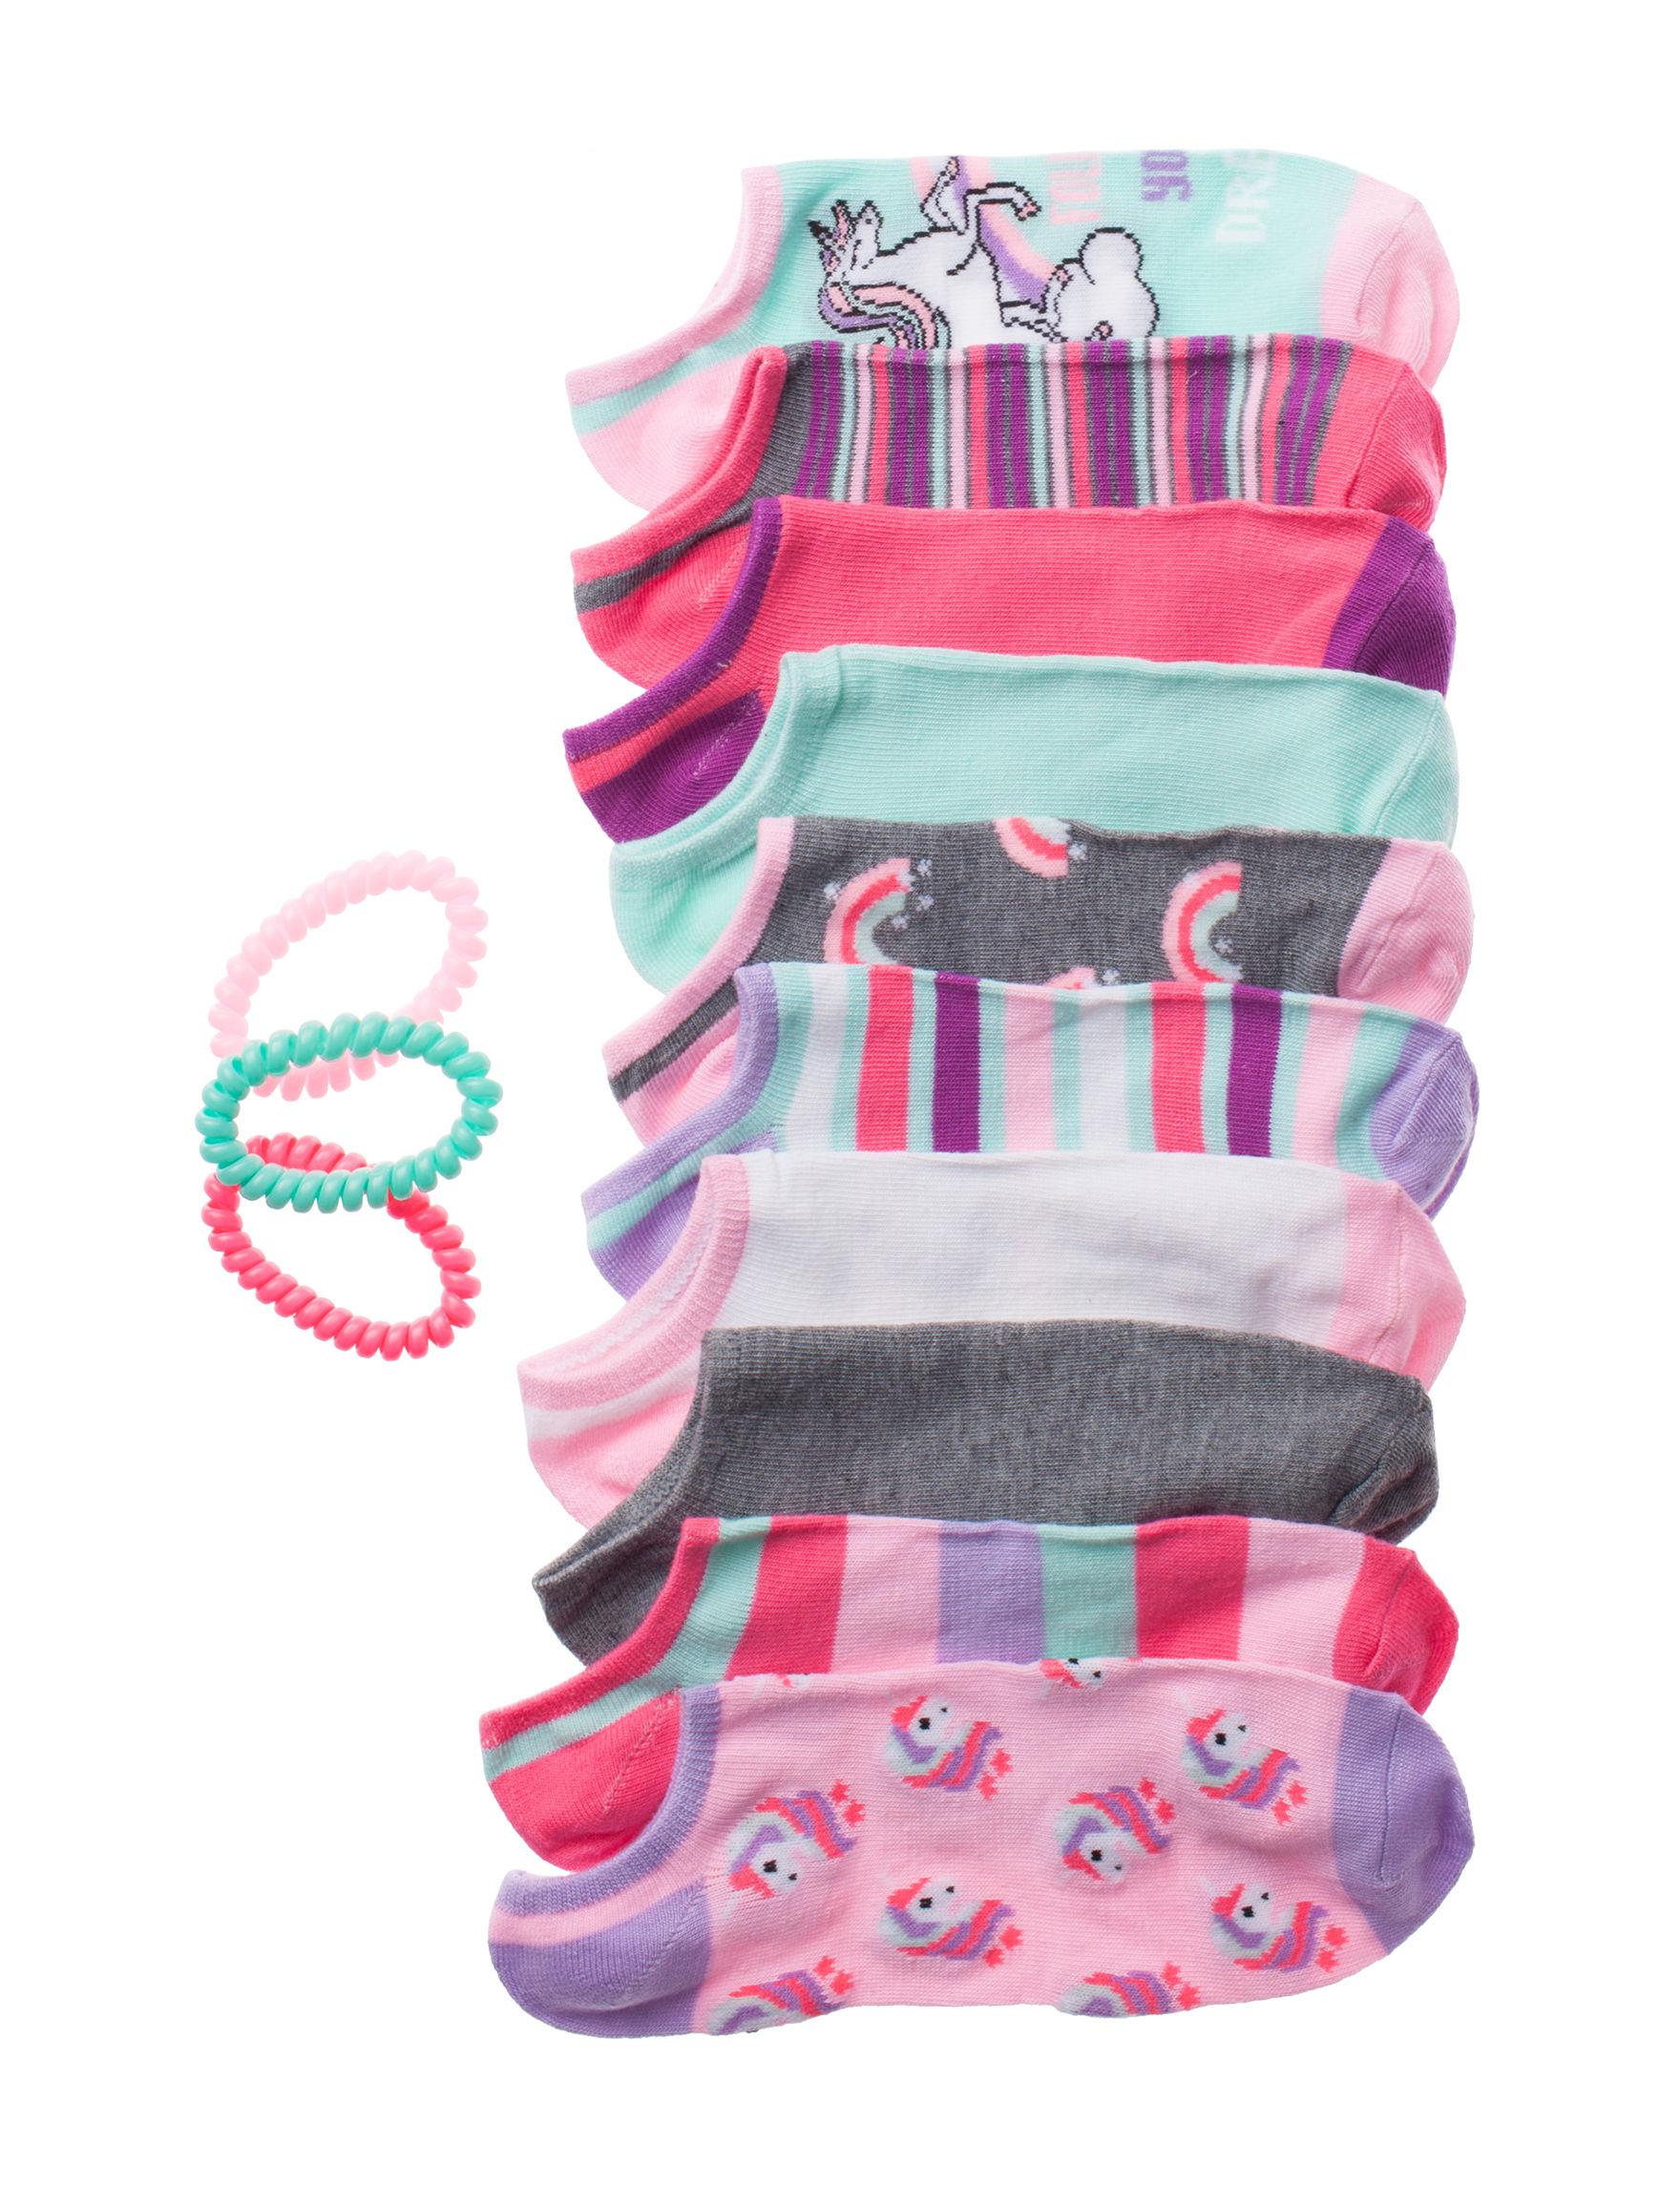 Charlotte & Co. Aqua Socks